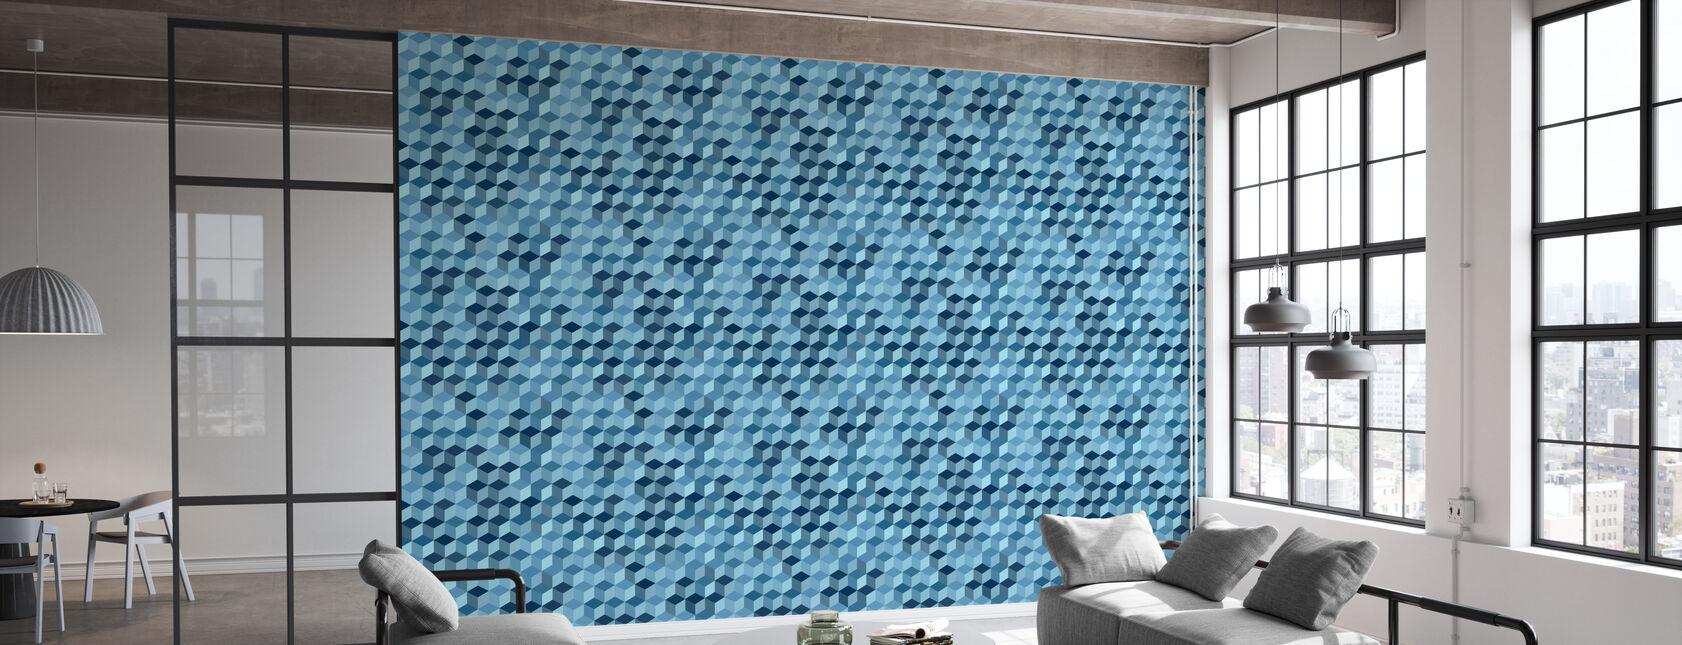 Cube Hexagon Muster - Stahl - Tapete - Büro